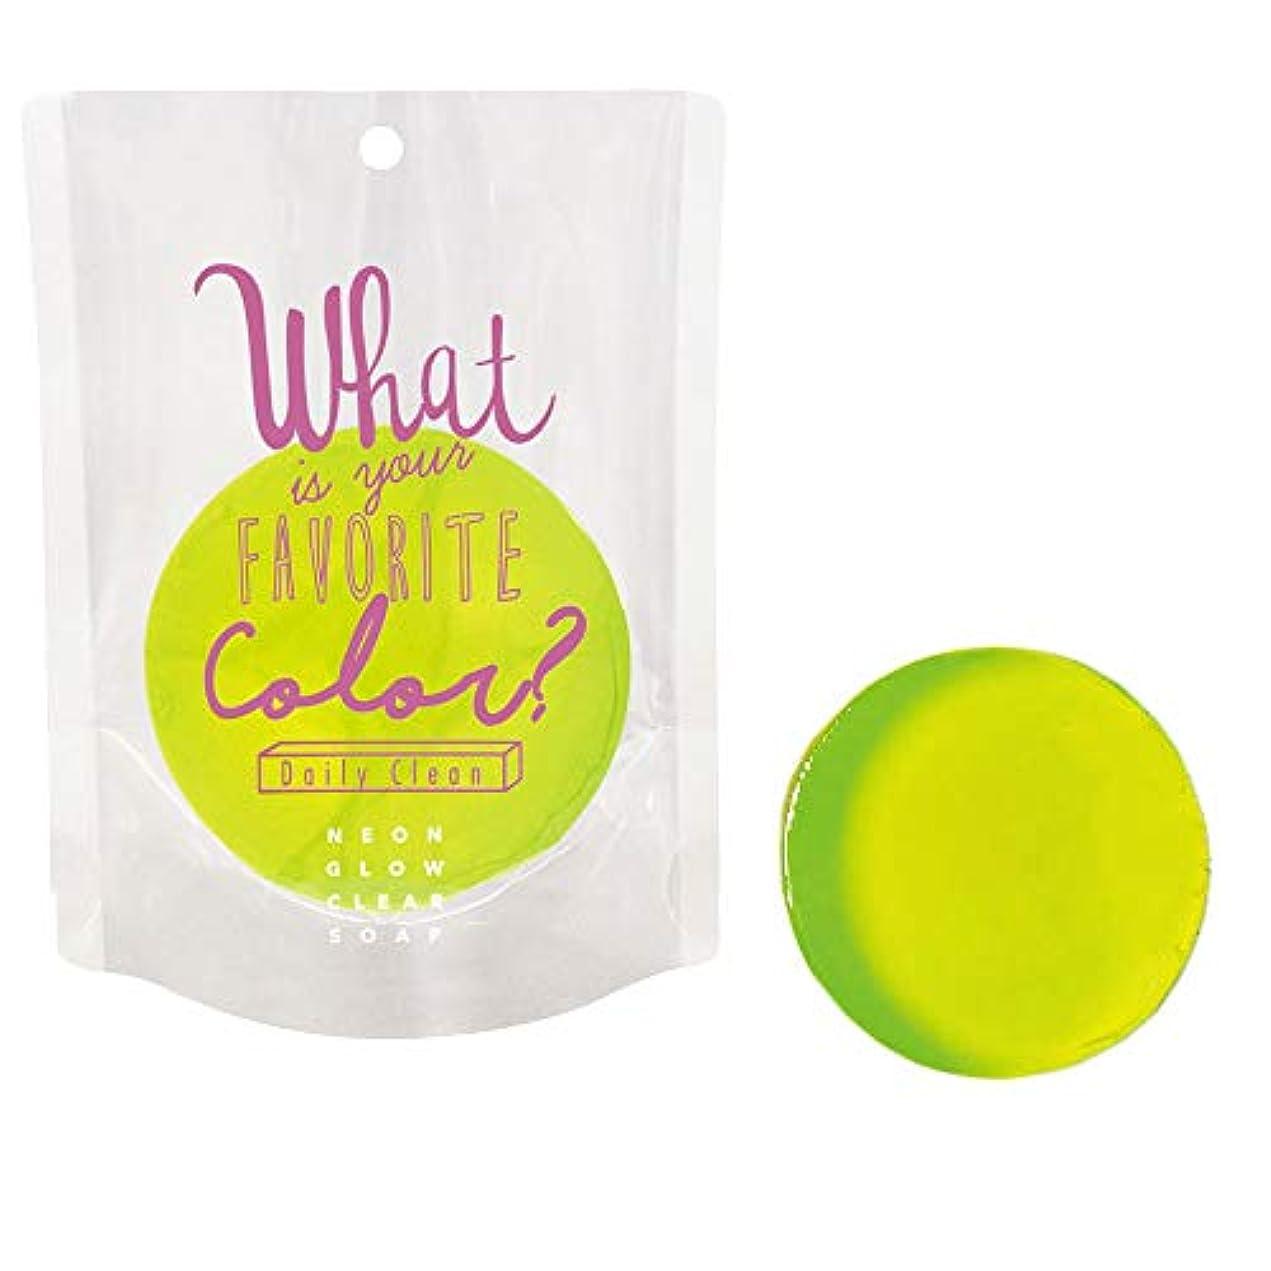 姓部分的に群がるネオングロークリアソープ ob-ngw-2-1-4(02/パパイヤ) Neon Glow Clear Soap 石鹸 ノルコーポレーション 固形 せっけん カラフル 香り 清潔 ギフト プレゼント